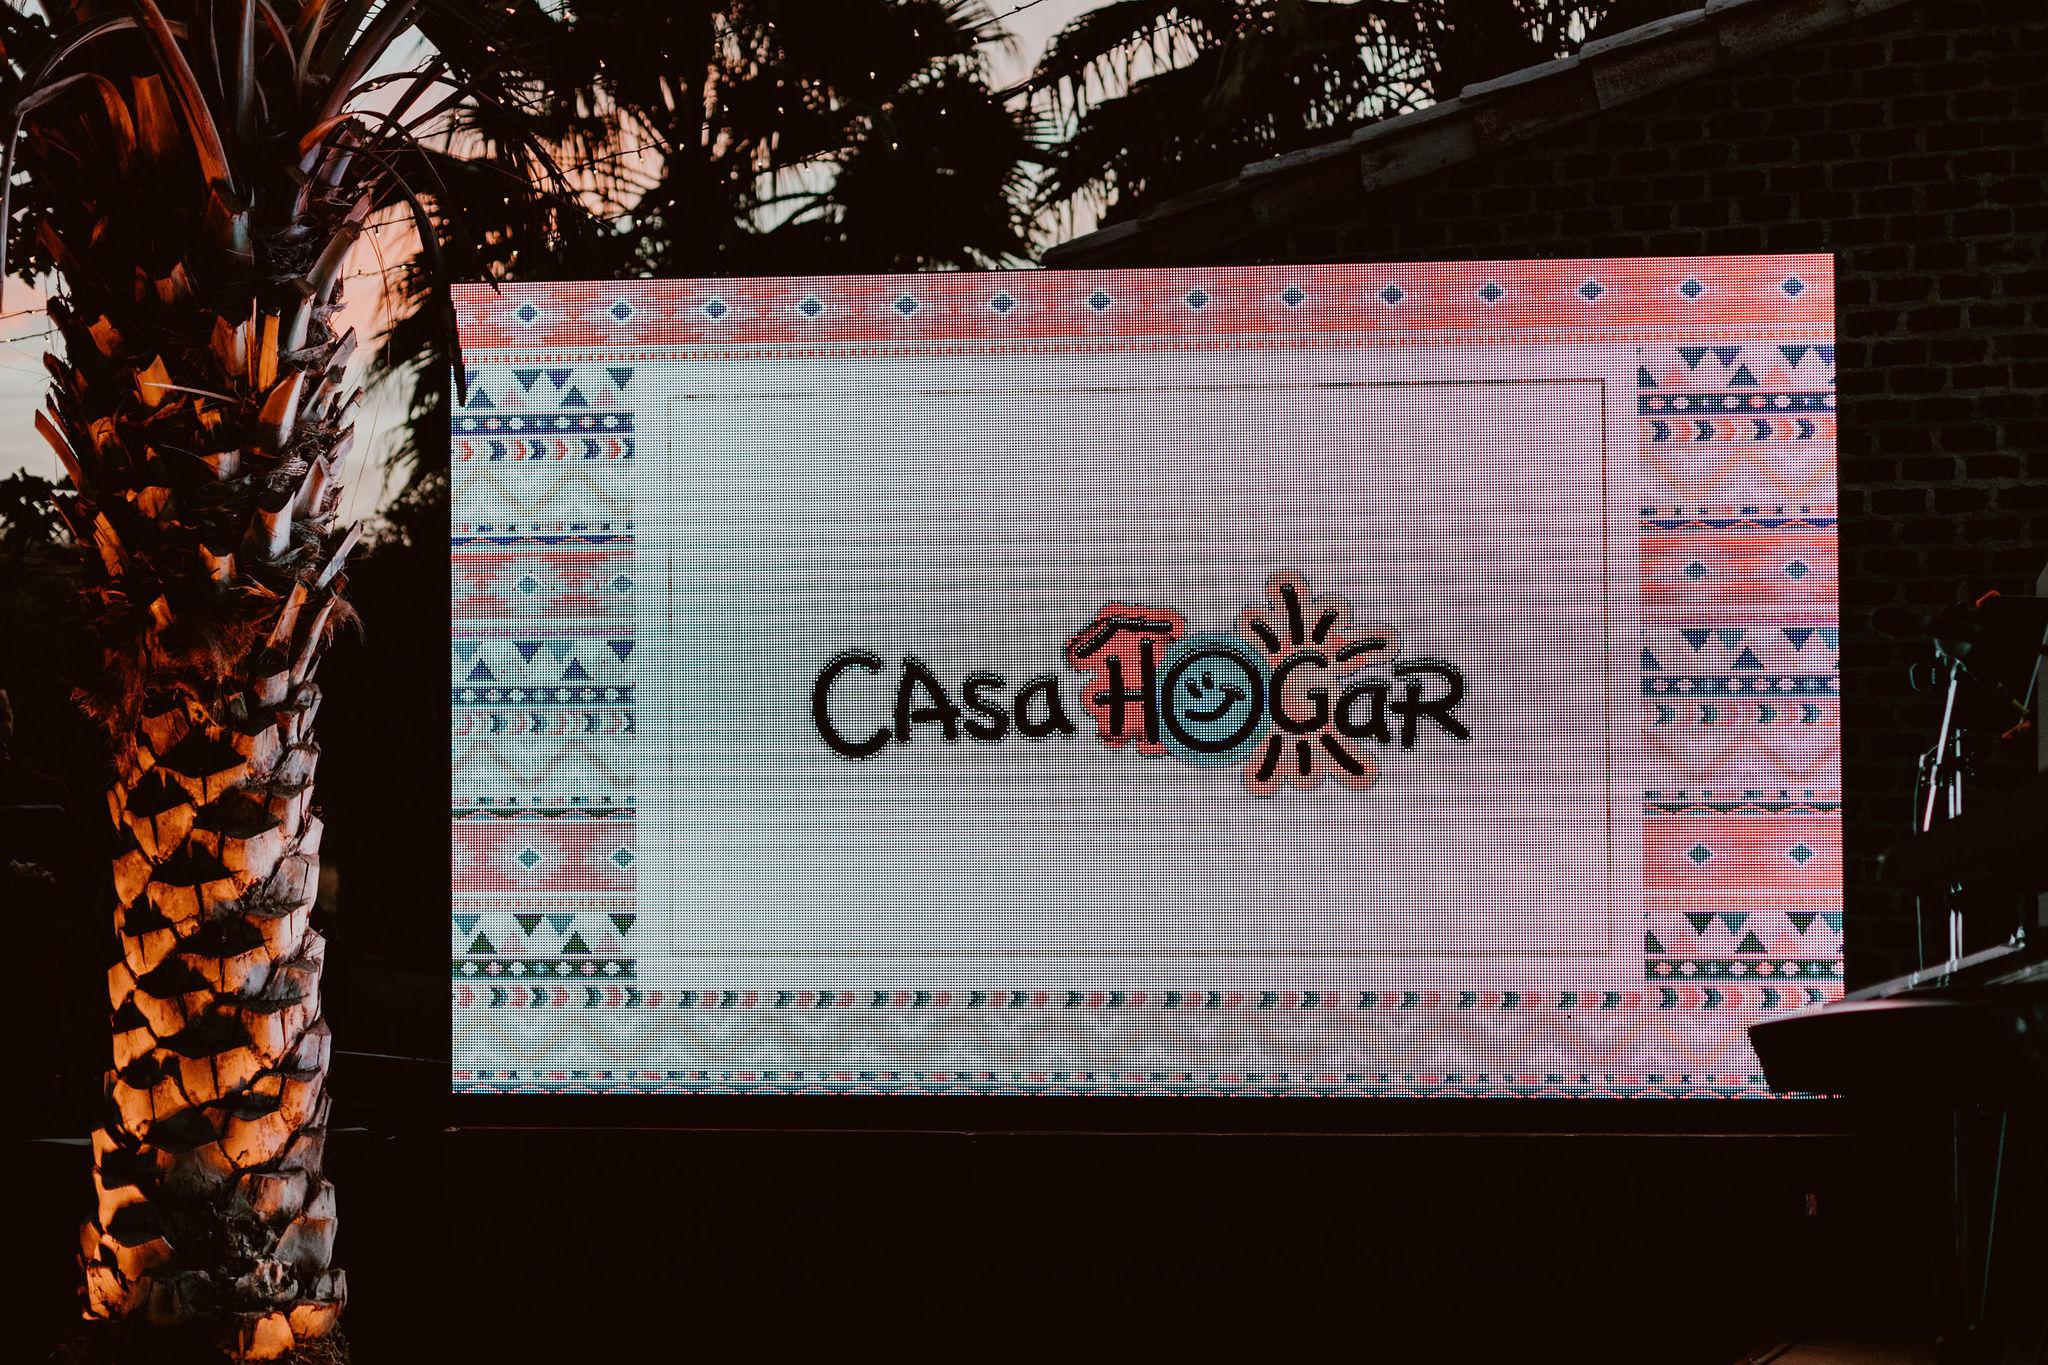 CasaHogar-169.jpg